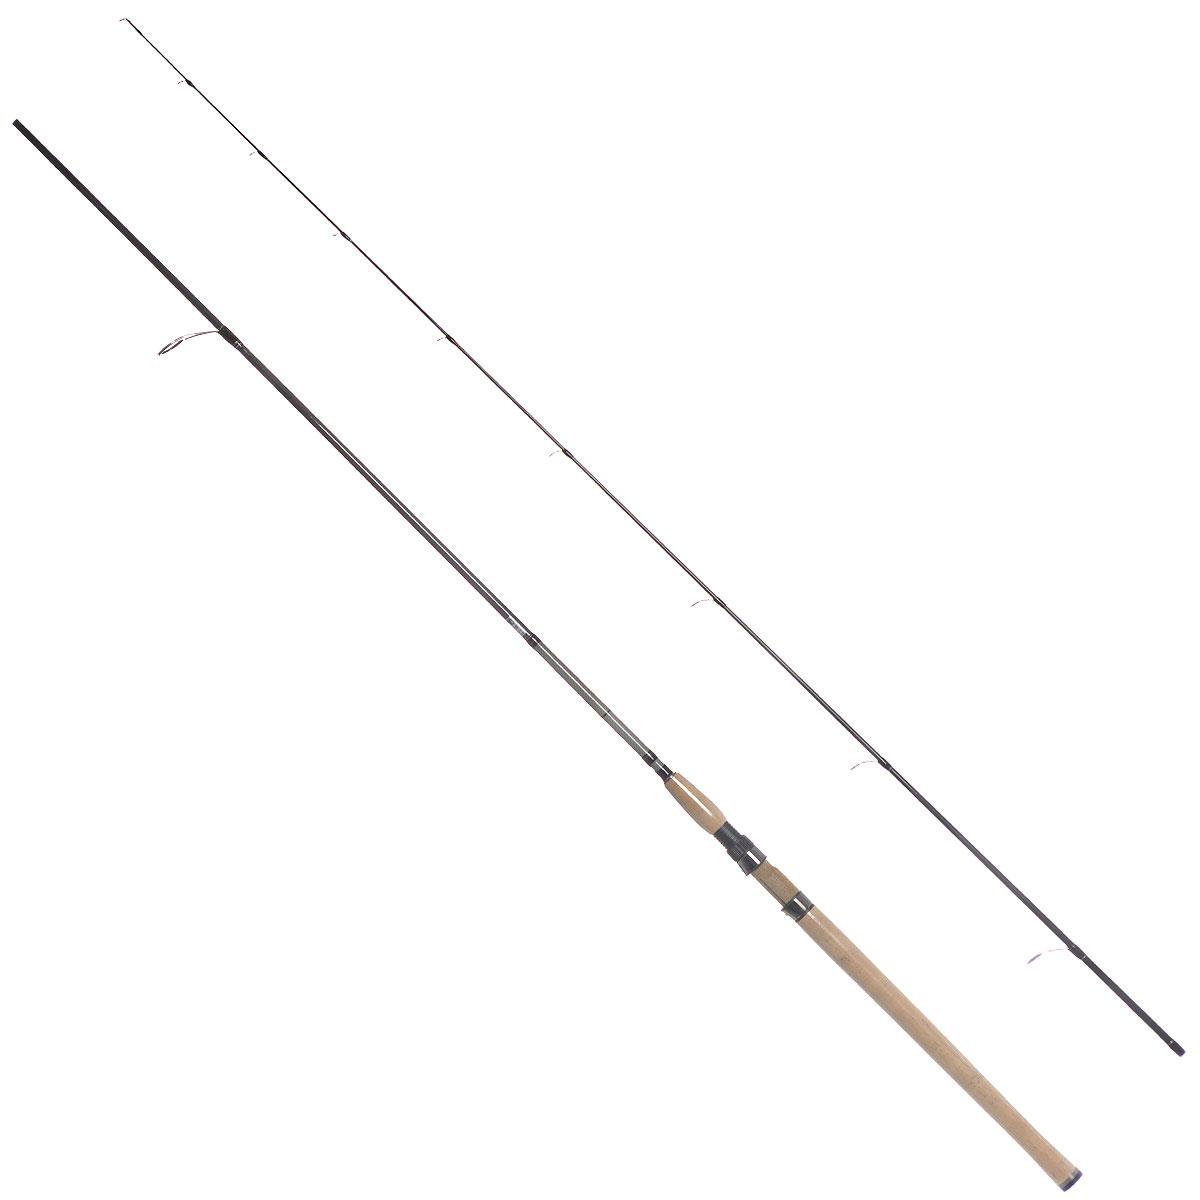 Спиннинг штекерный Daiwa Procyon, 2,70 м, 7-28 г